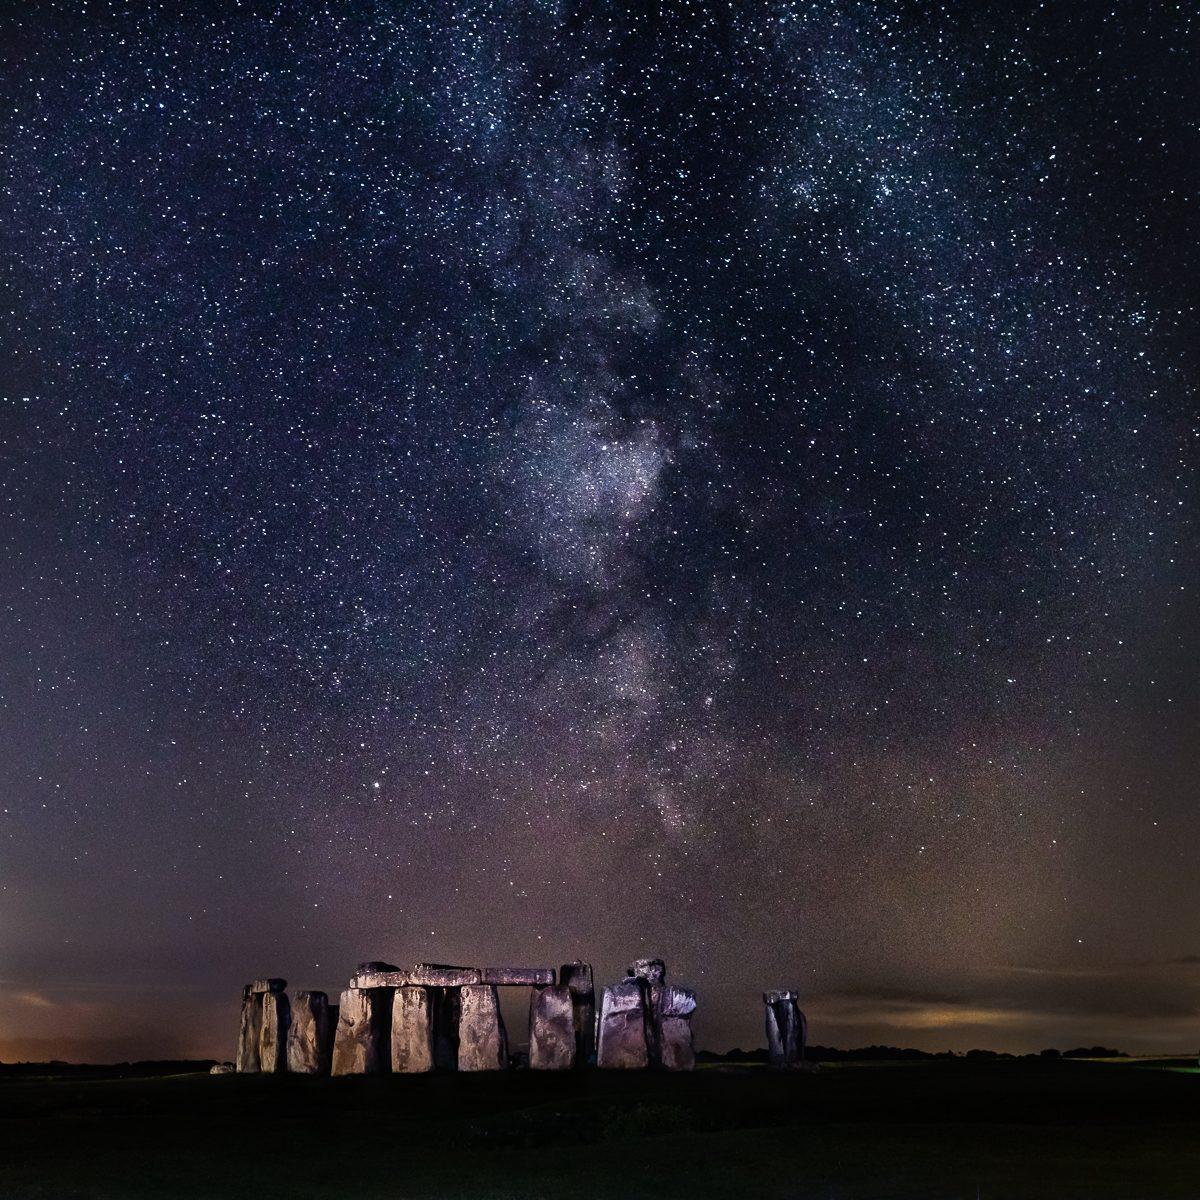 Монументы вне времени в работах победителей конкурса «Исторический фотограф года 2019» 2019 10